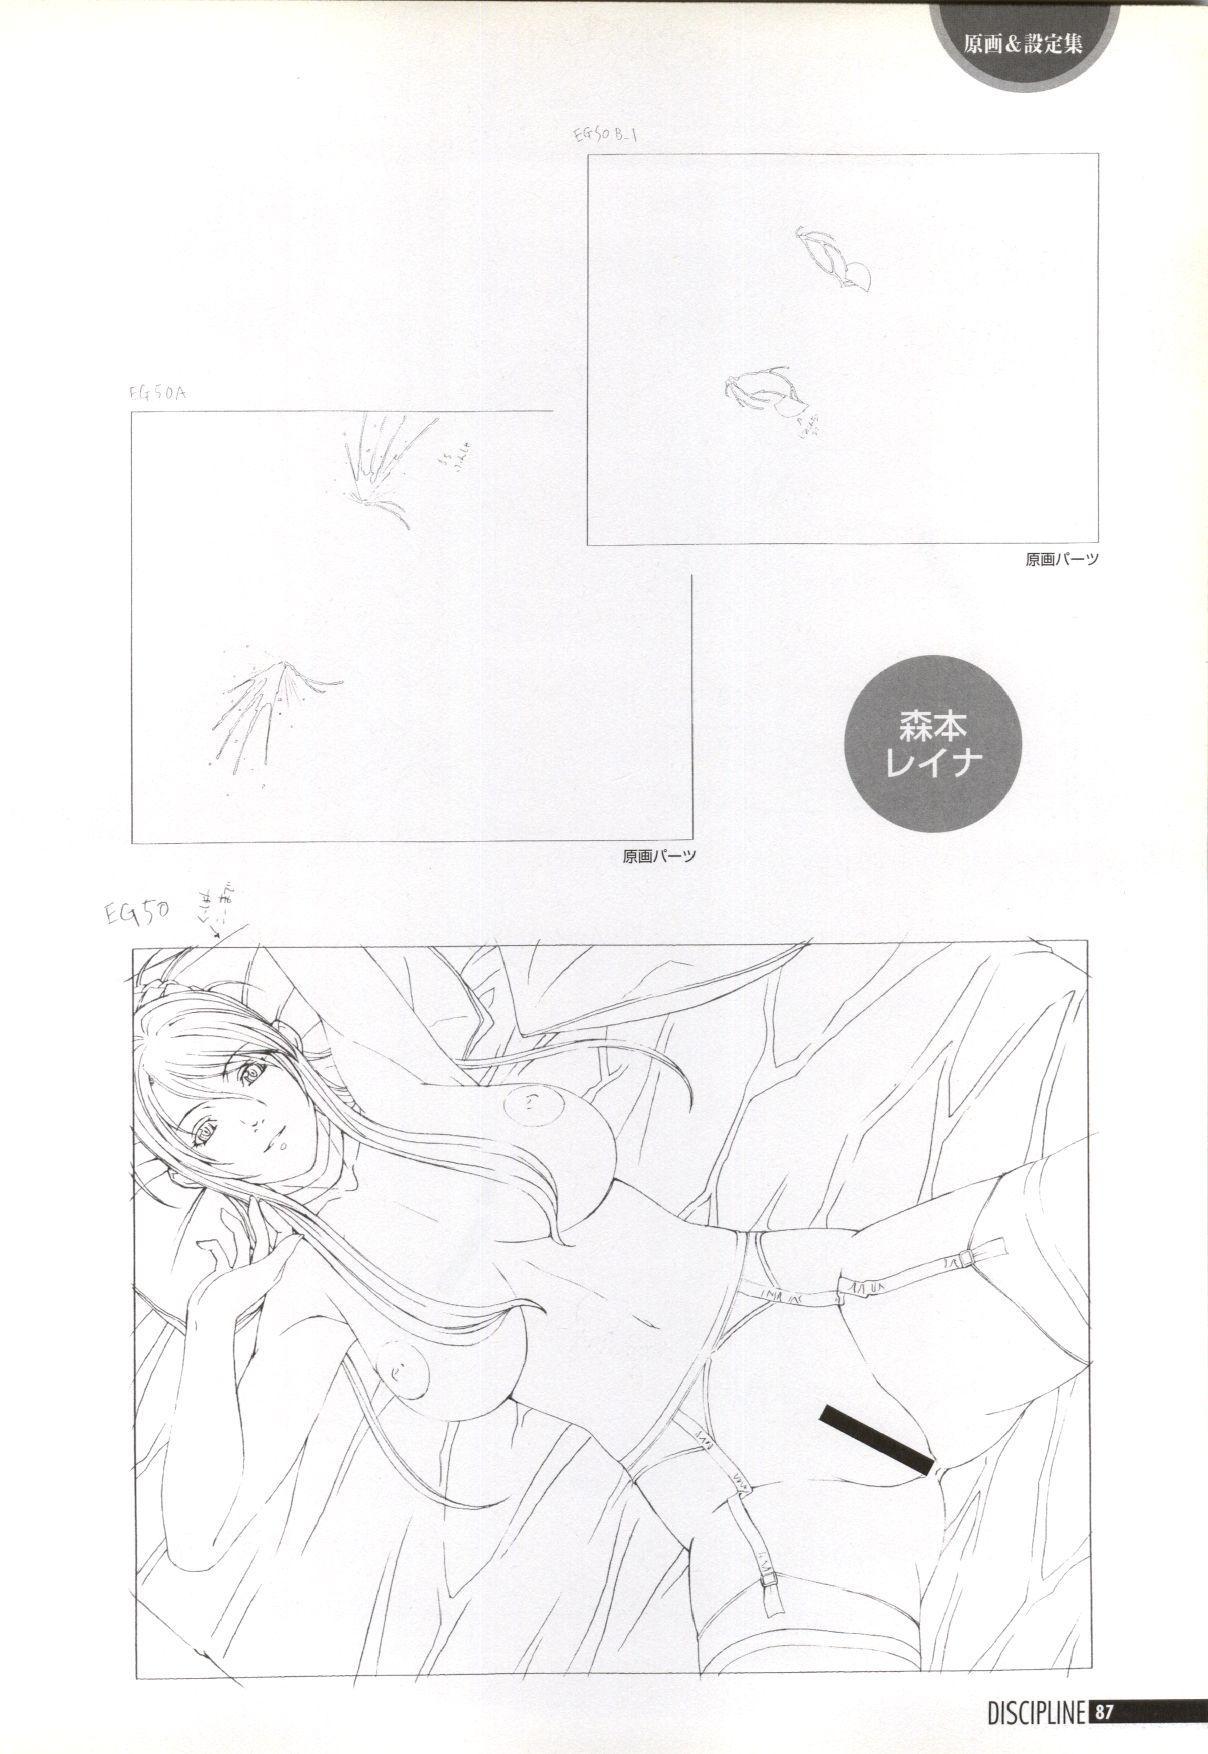 Discipline Artbook 87